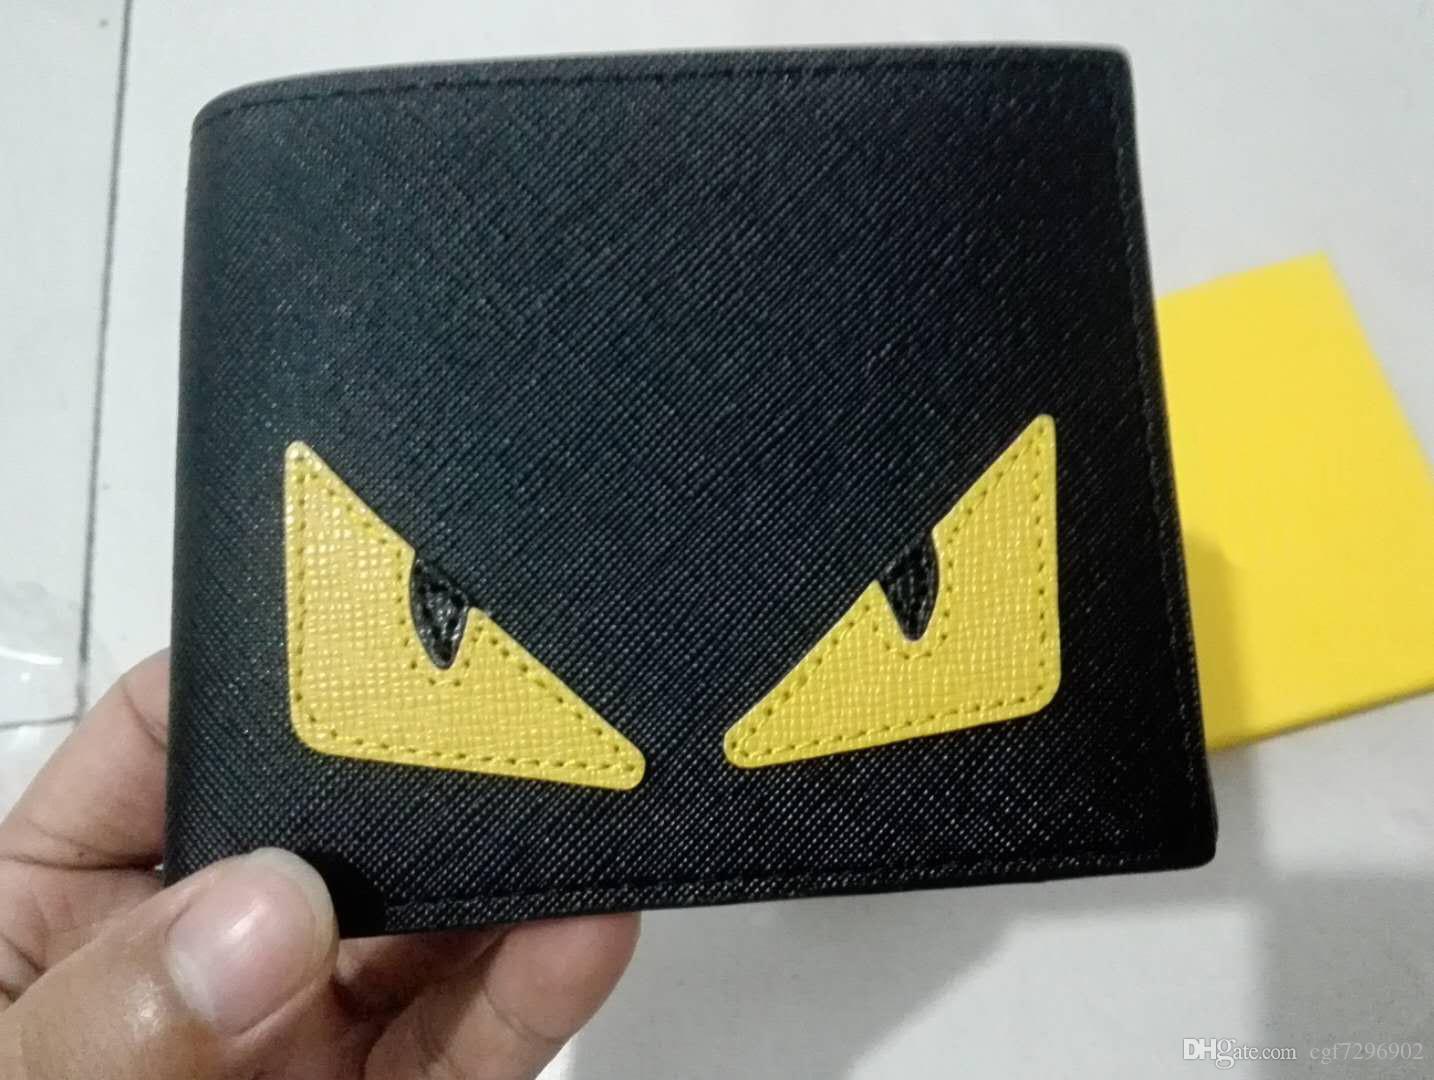 Toptan Avrupa tarzı cüzdan erkek ve kadın tasarımcı cüzdan yüksek kalite pu kart çanta kutusu ile çoklu stiller isteğe ...